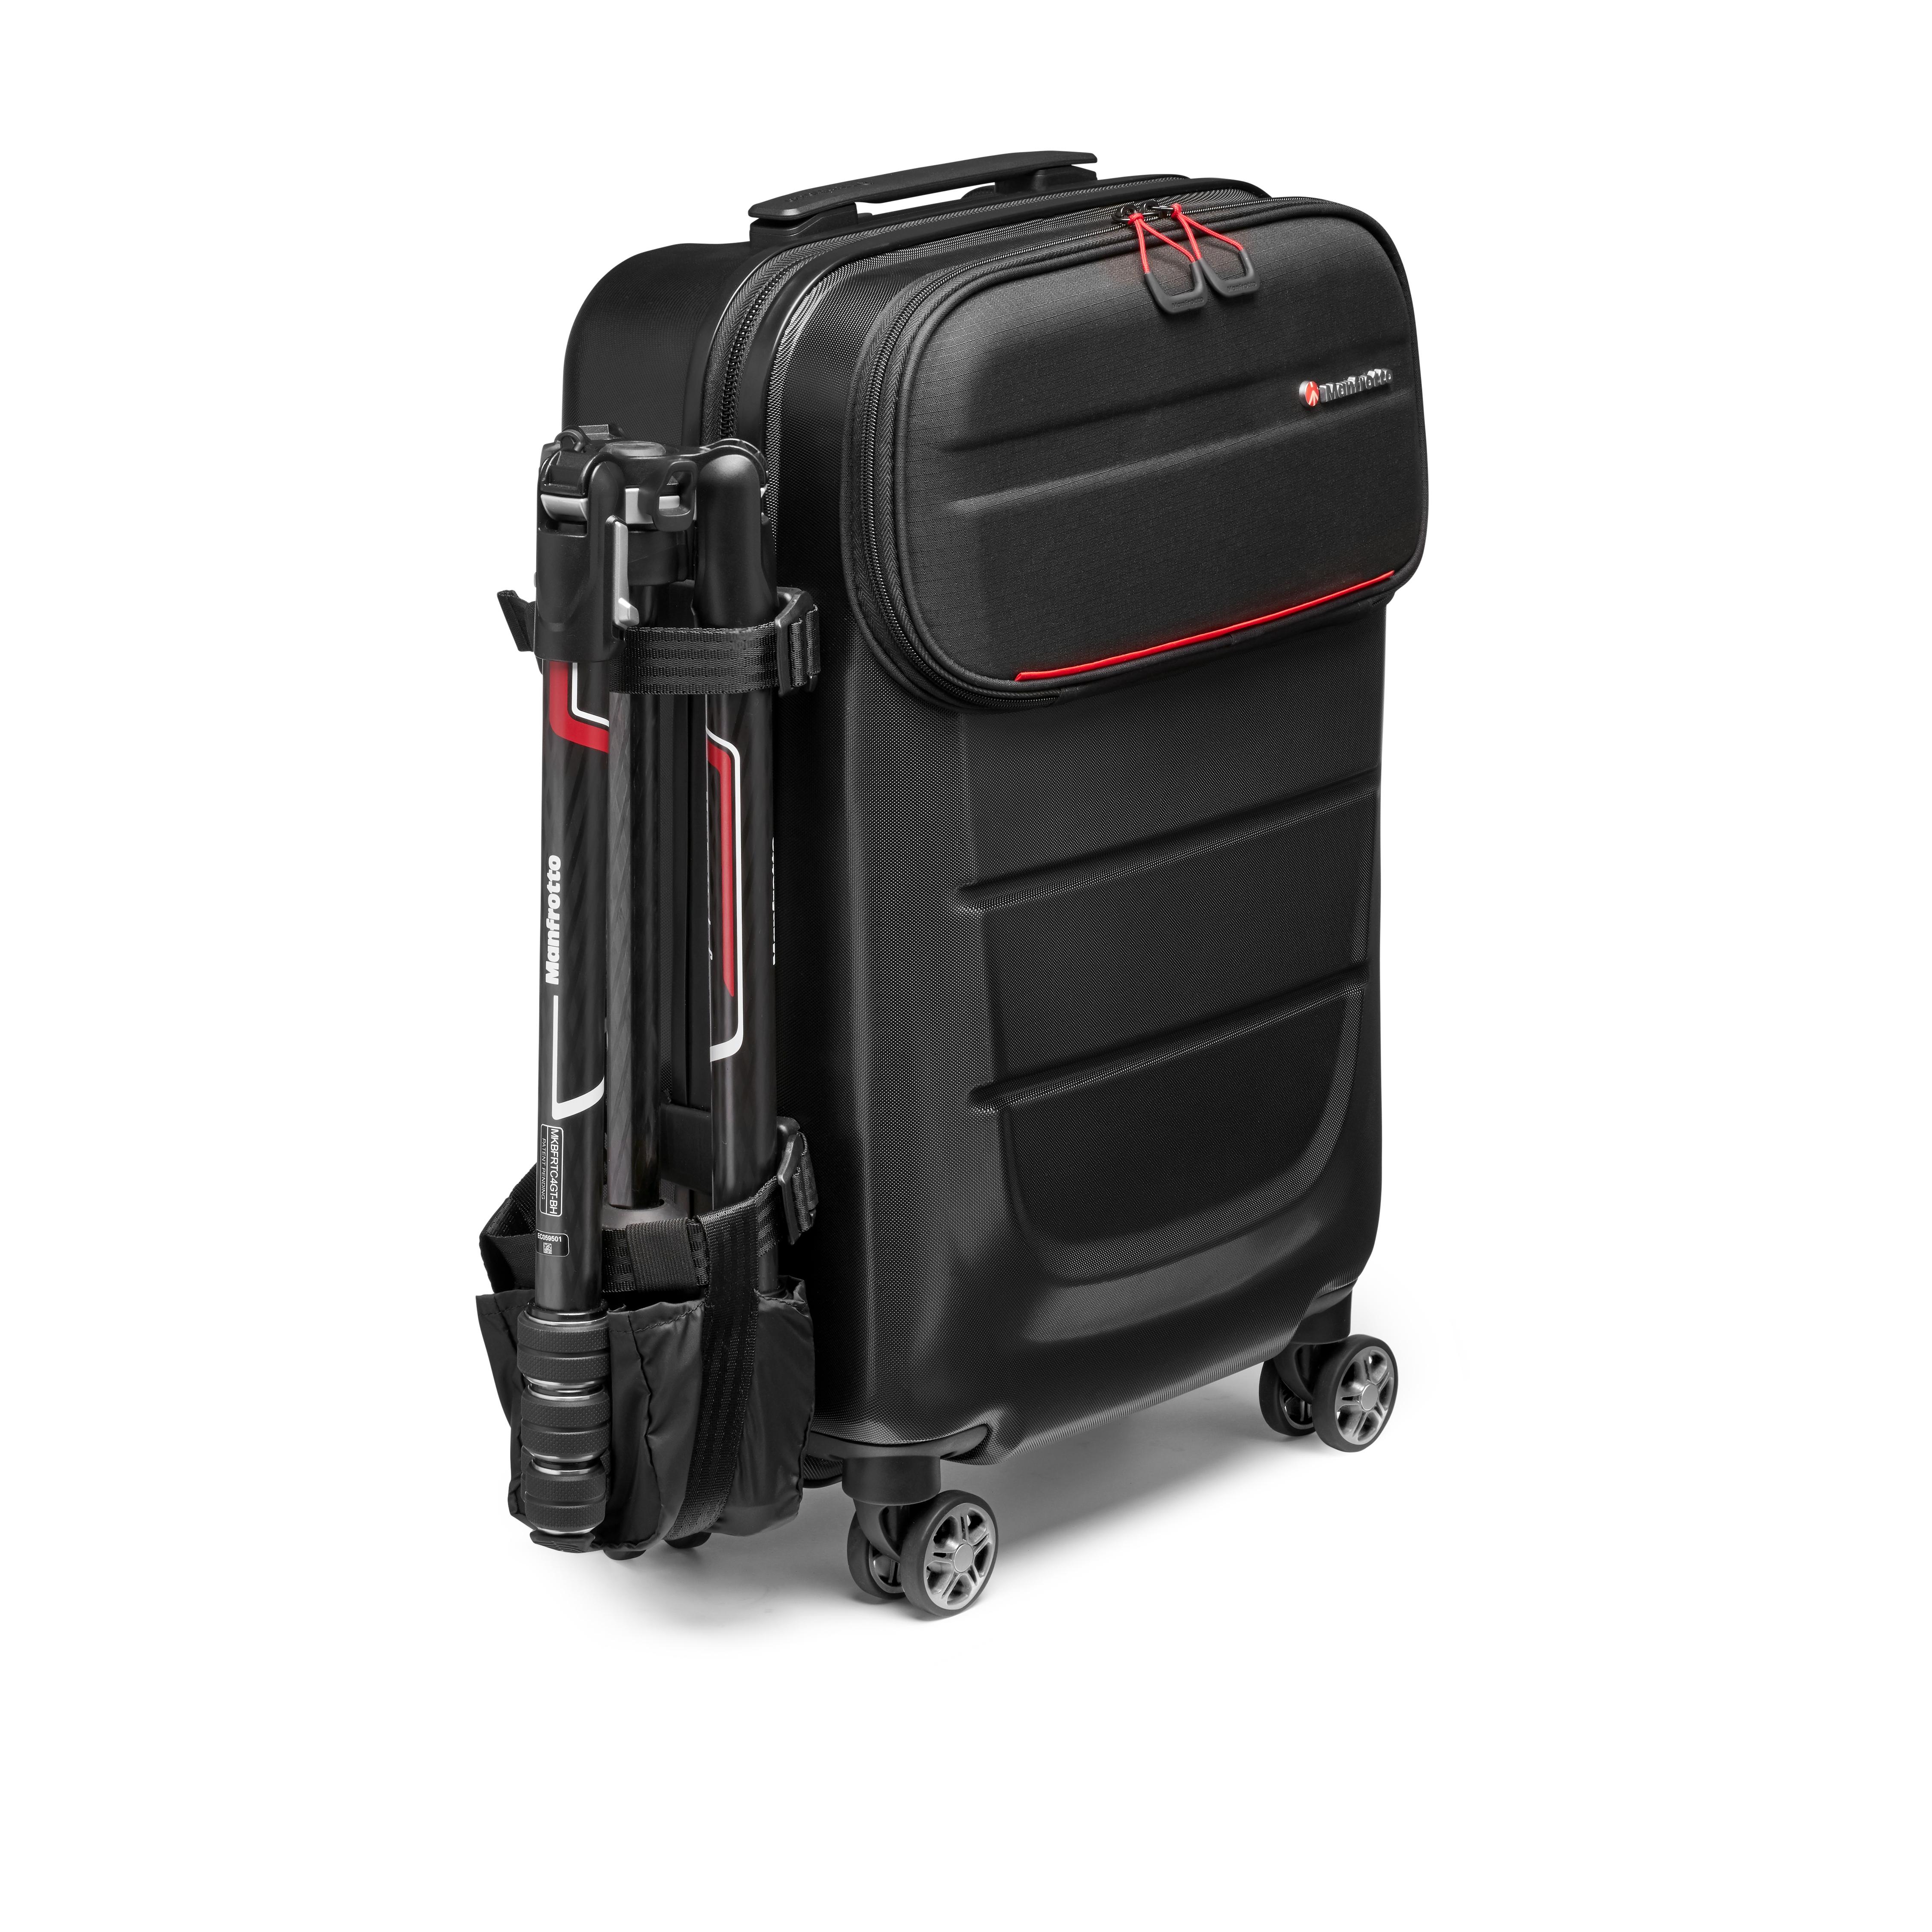 сборкой, чемодан на колесиках для фототехники восхитительная